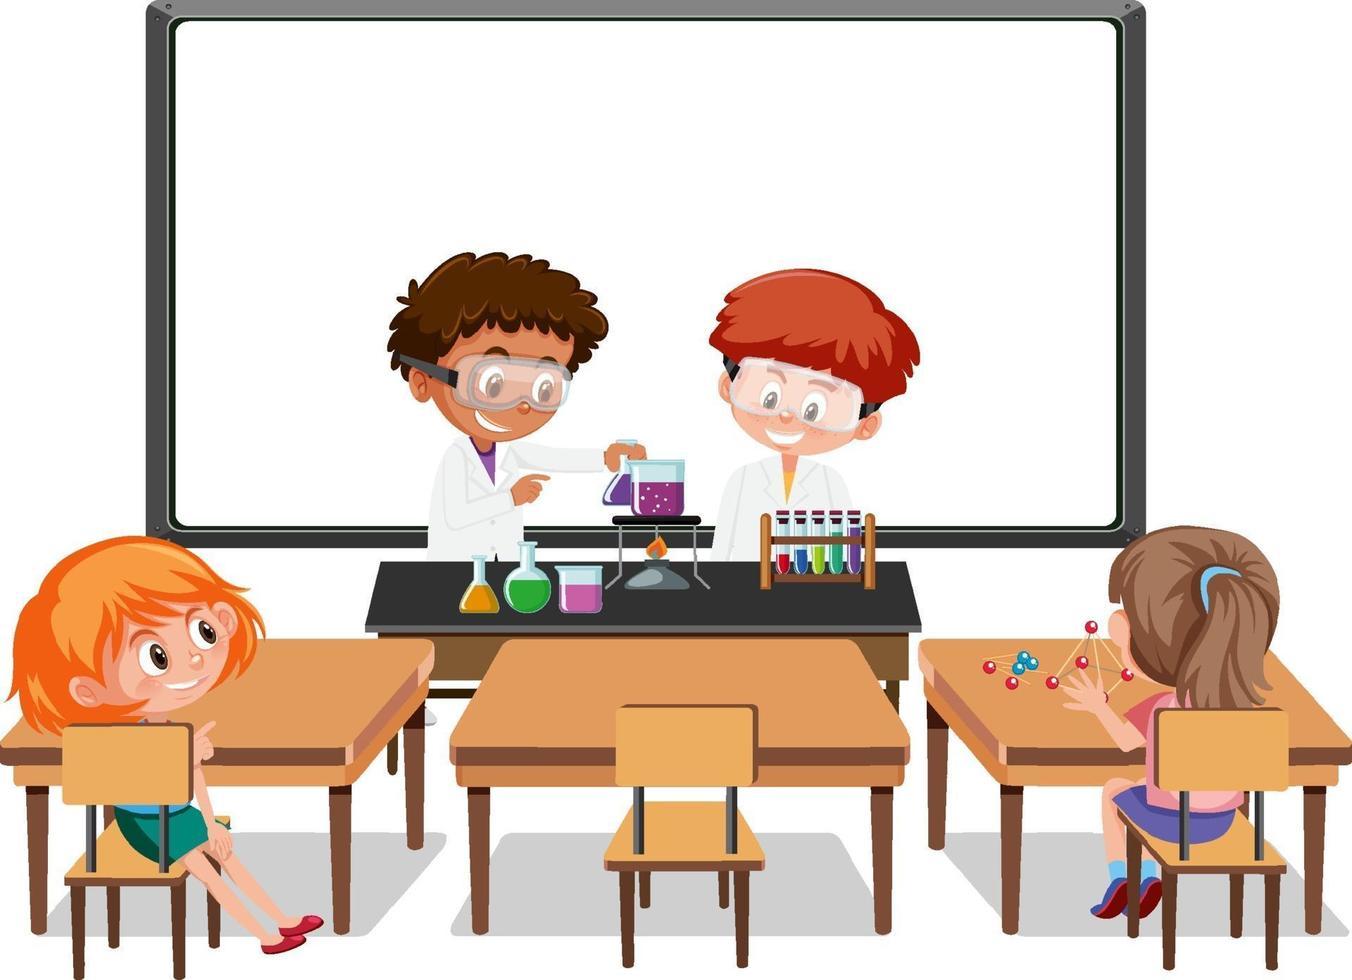 giovani studenti che fanno esperimenti scientifici nella scena della classe vettore